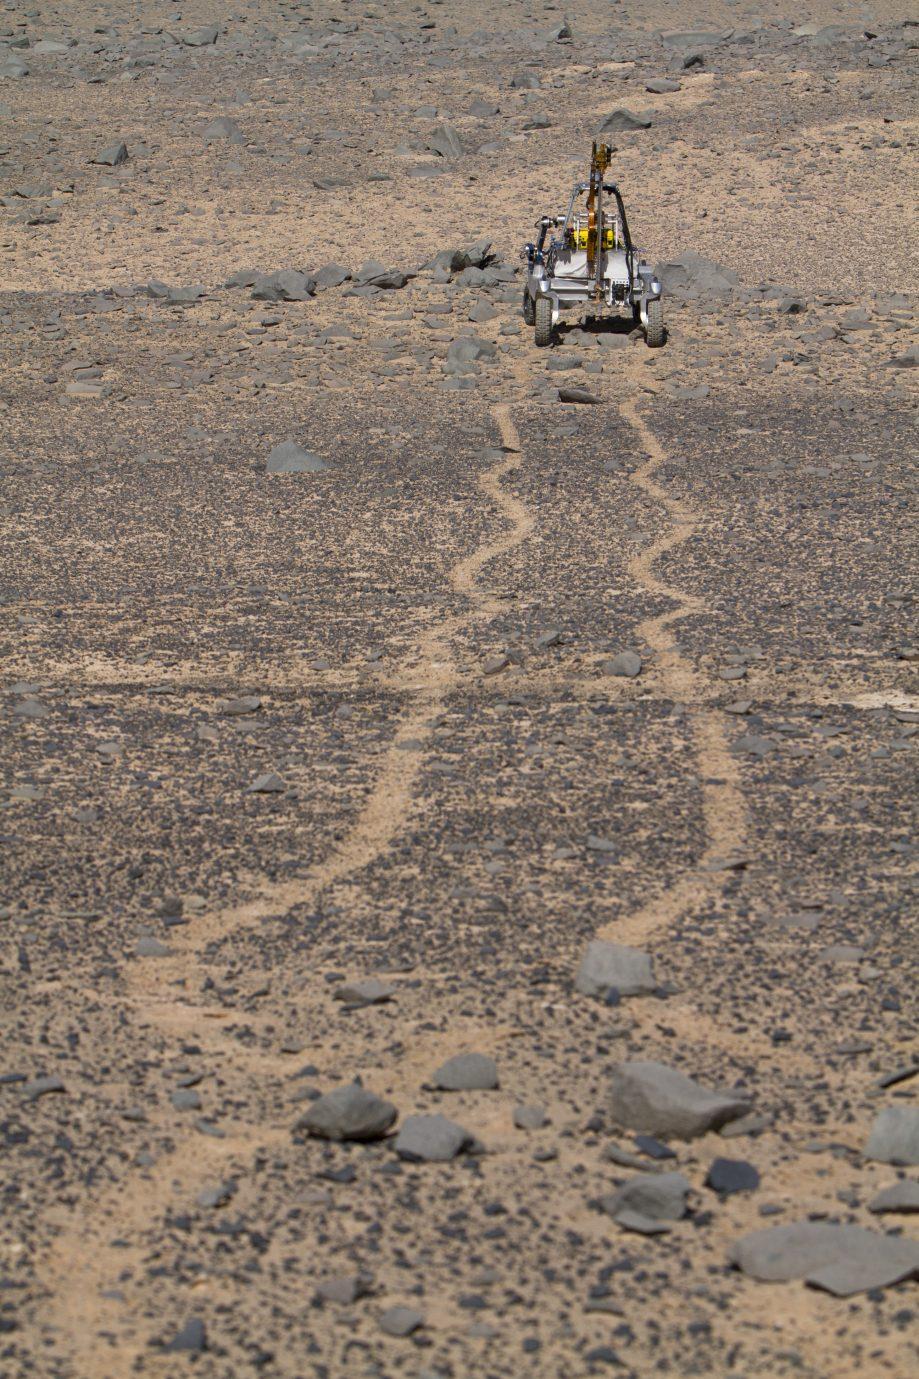 ARADS rover in Atacama